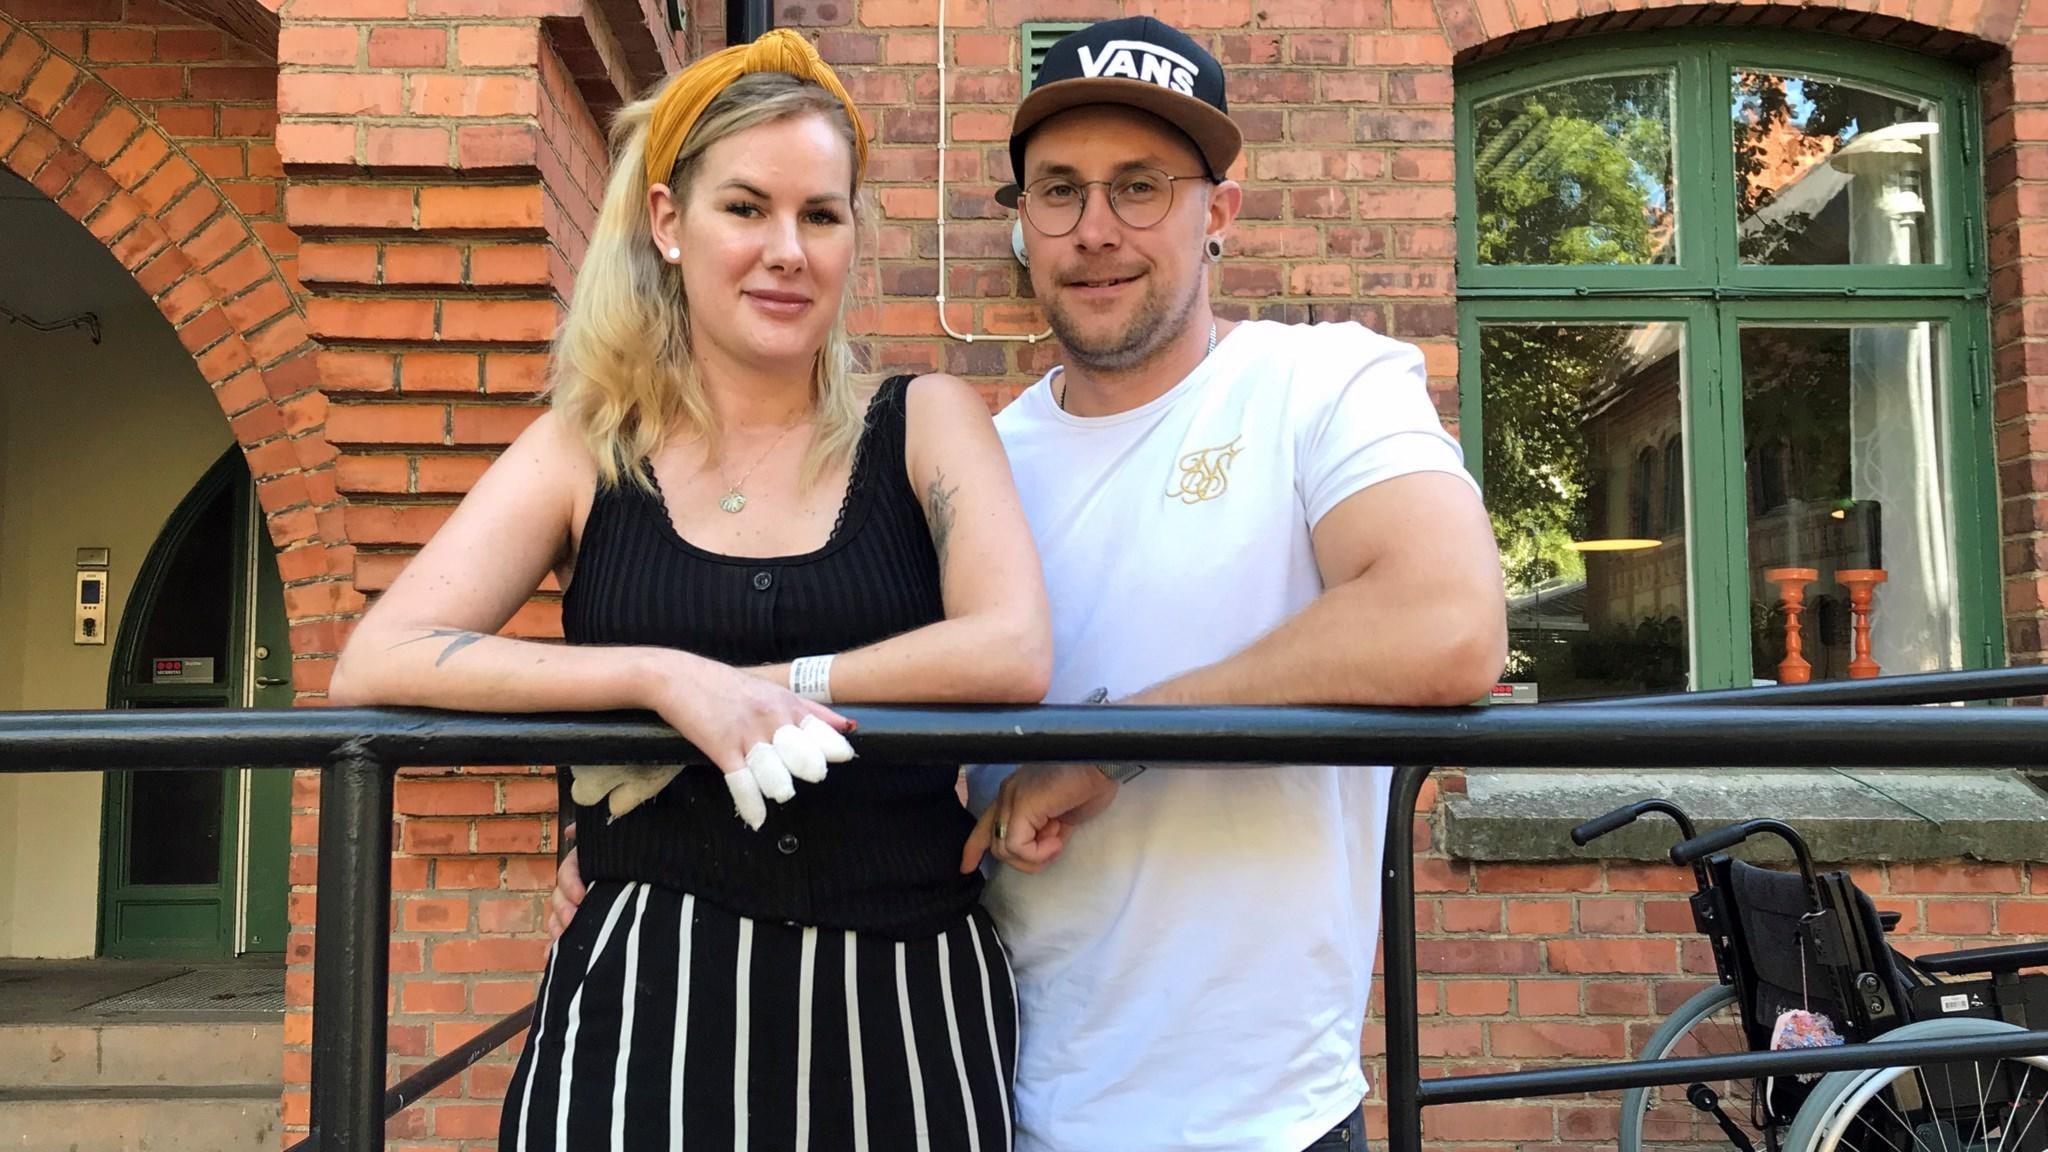 Elins semester förvandlades till en mardröm - P4 Jönköping   Sveriges Radio